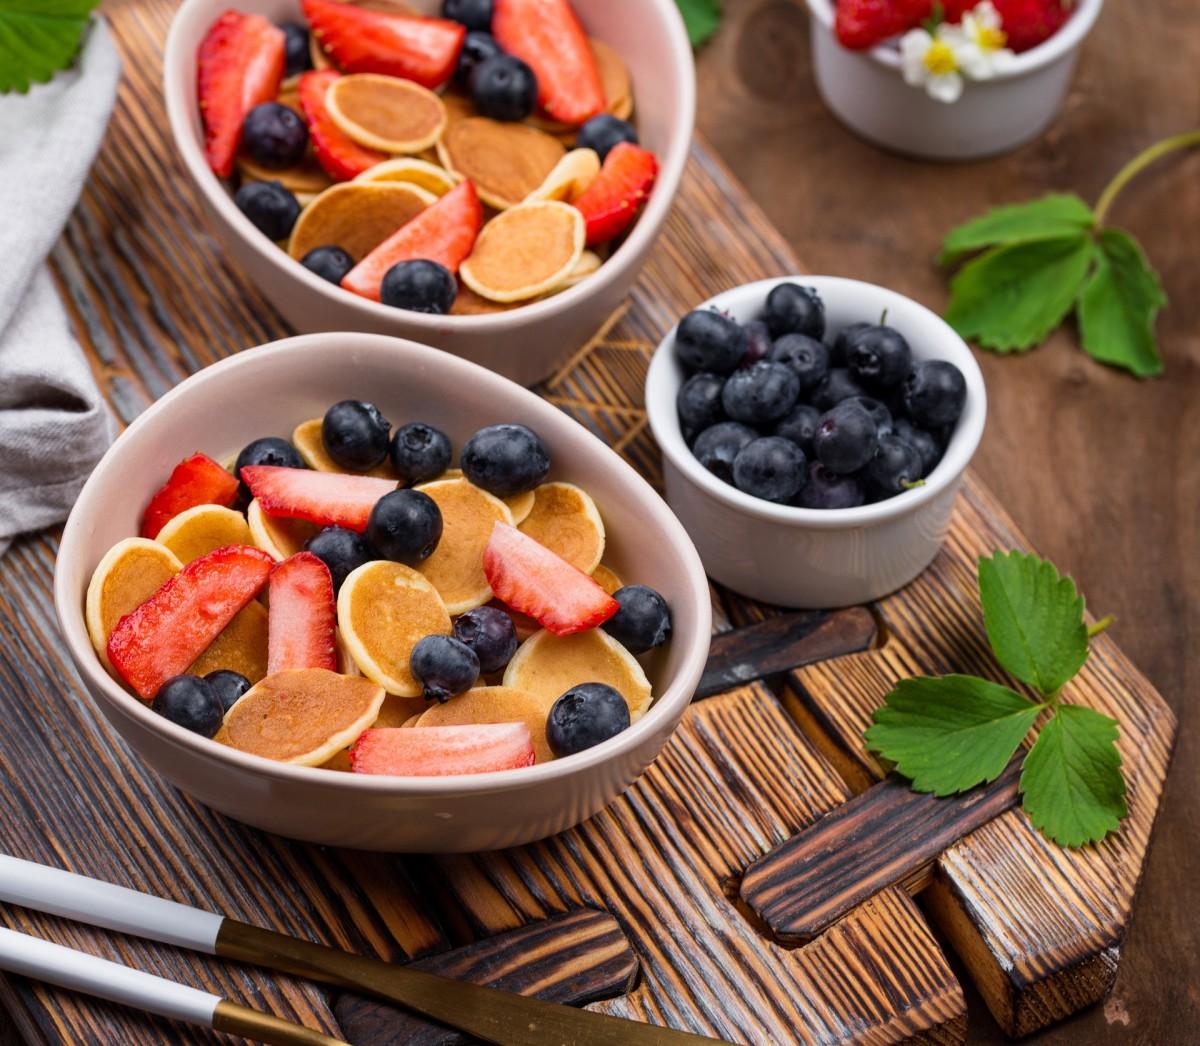 Rompecabezas Recoger rompecabezas en línea - Pancakes and berries